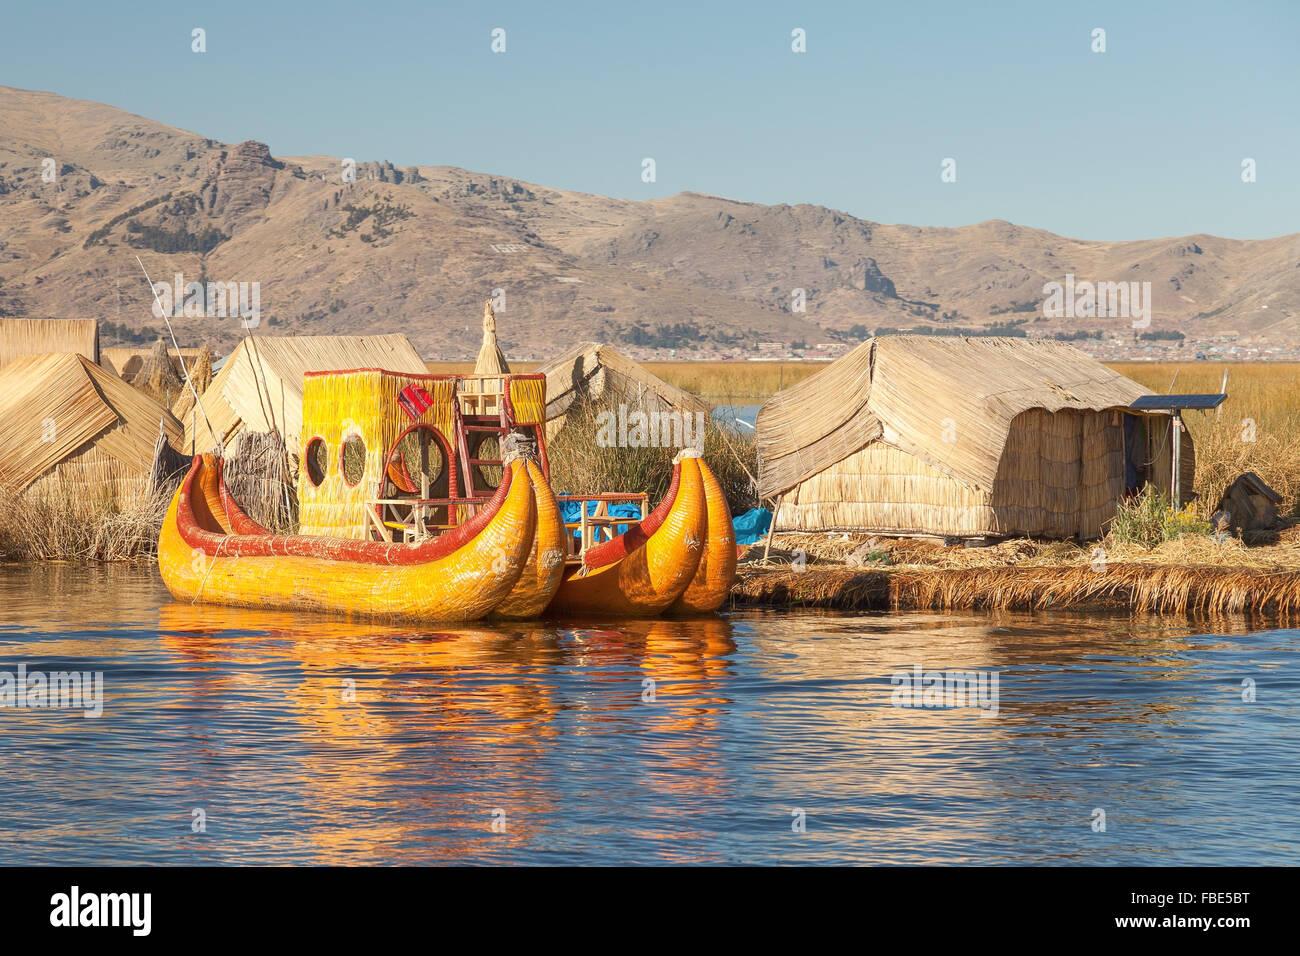 Reed barco sobre la isla de los Uros. Estas son islas flotantes en el lago Titicaca, situado entre Bolivia y Perú. Imagen De Stock